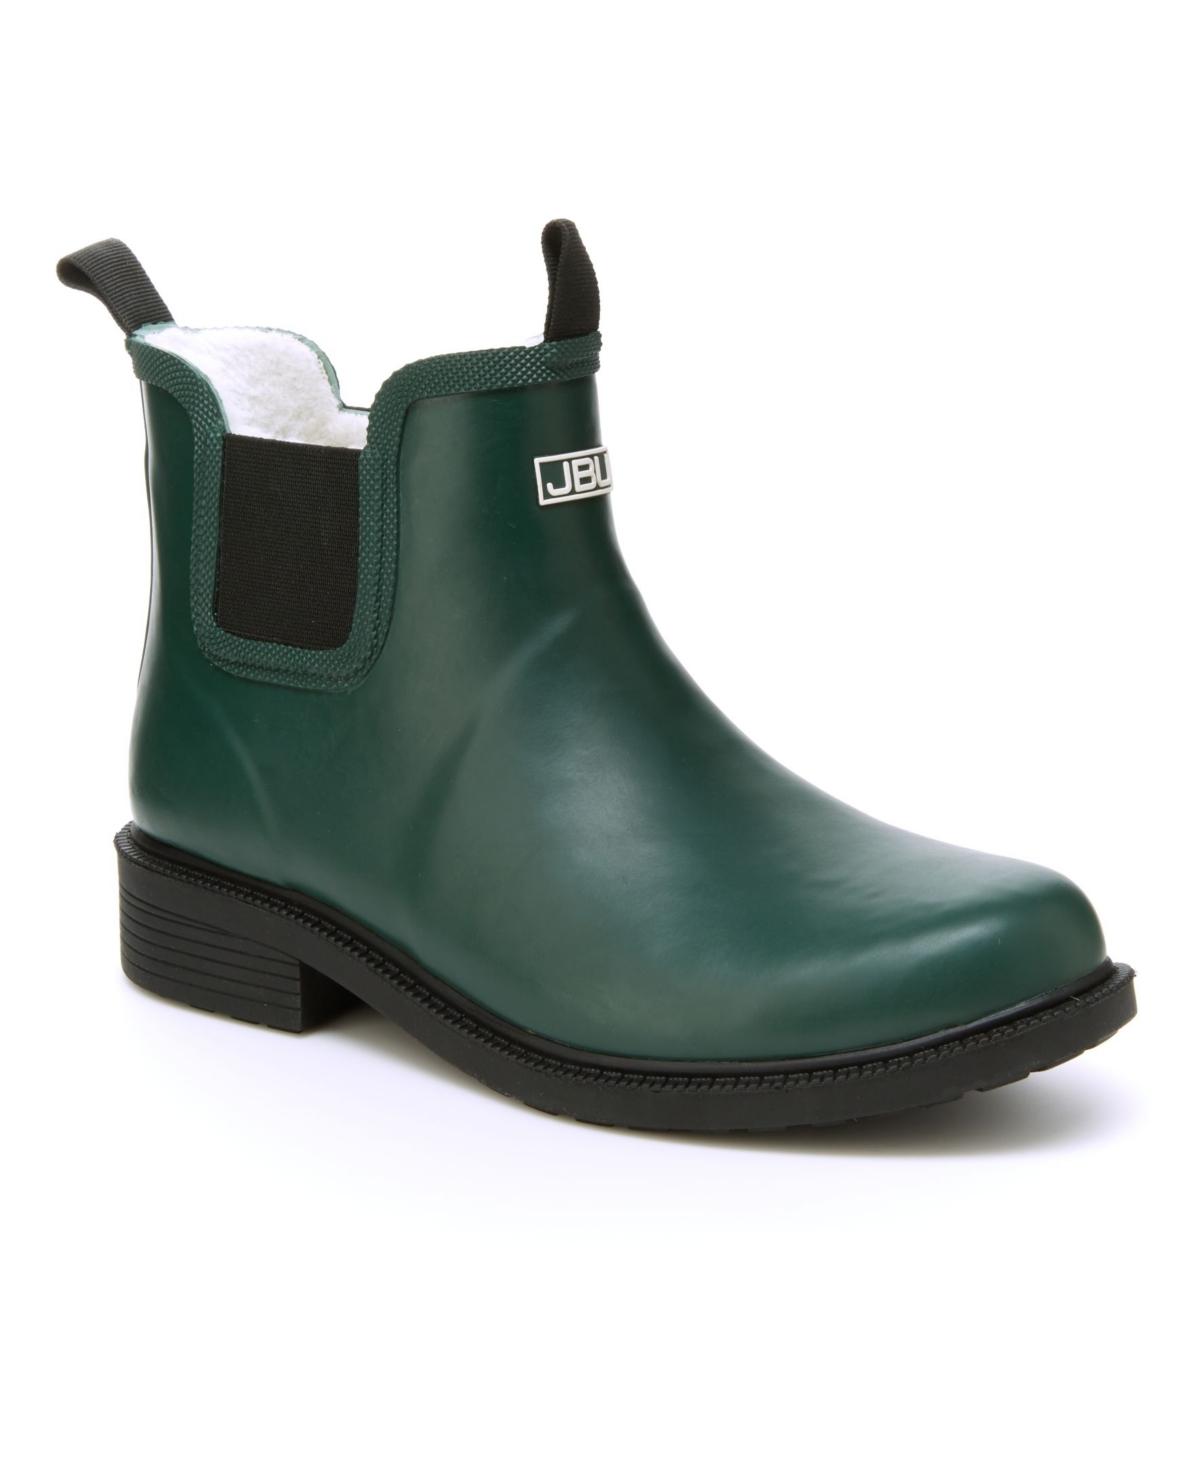 Women's Chelsea Water Resistant Rainboot Women's Shoes